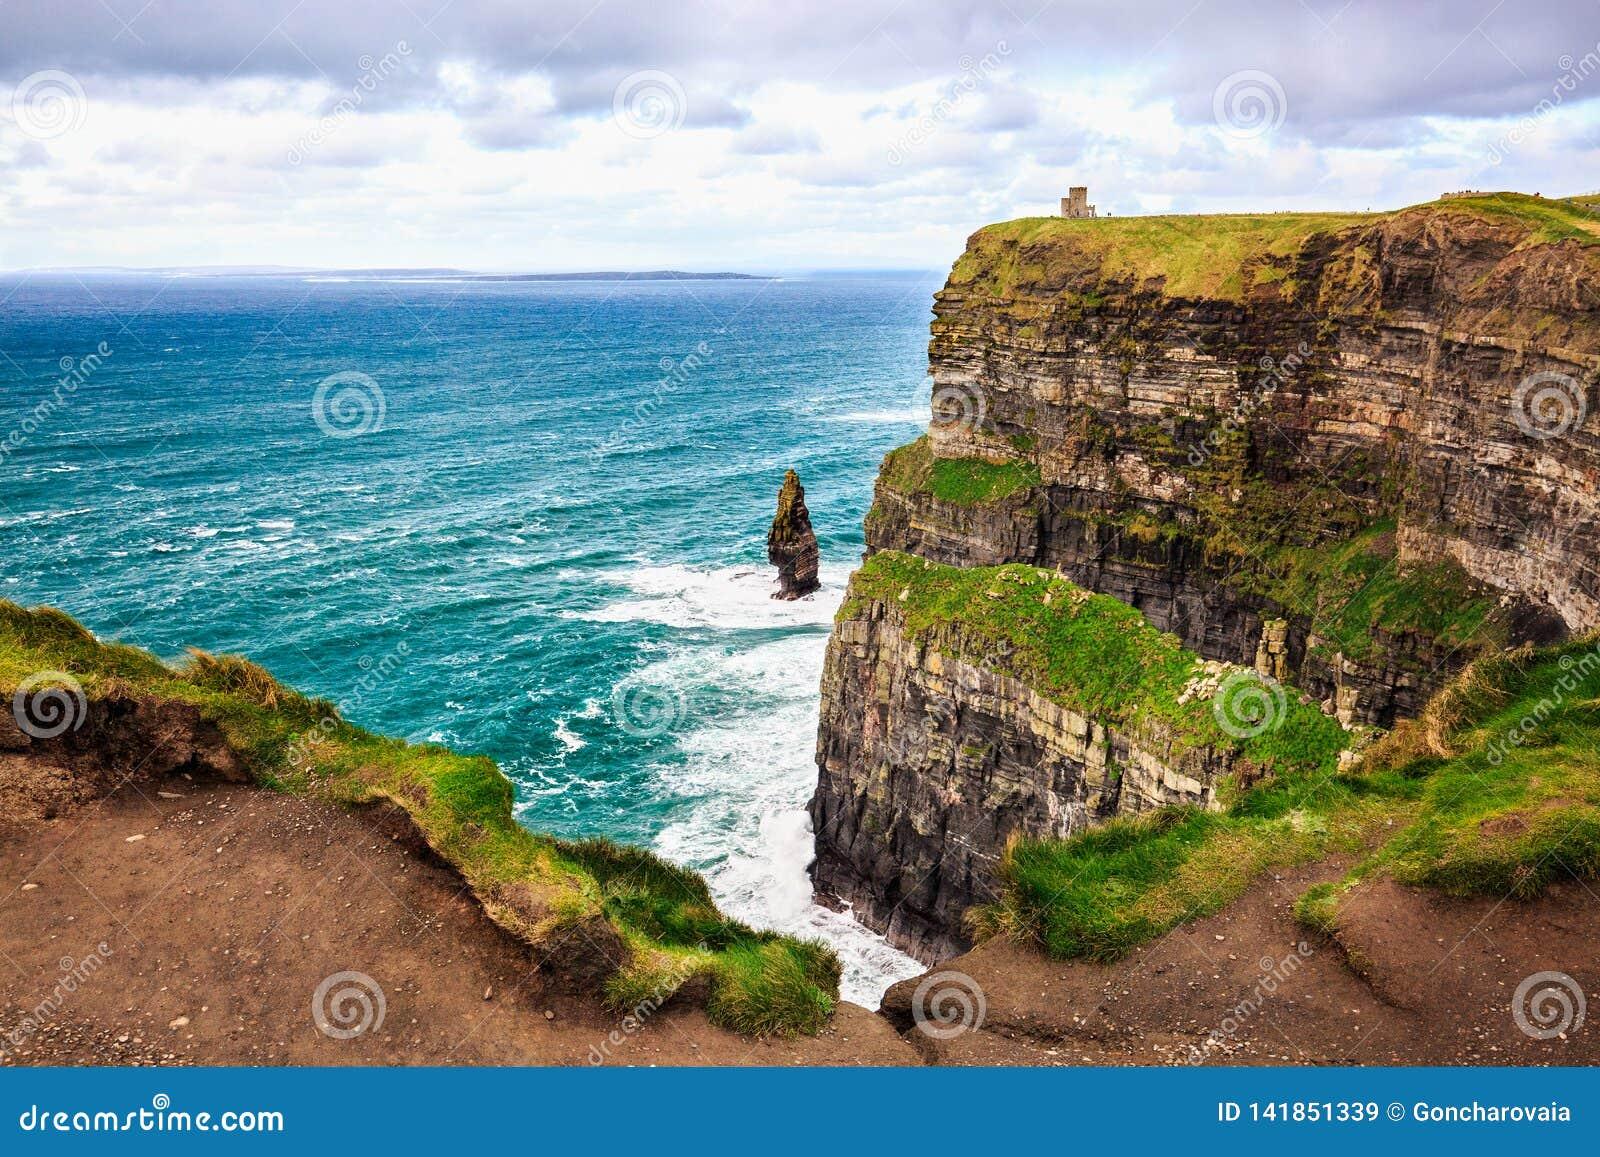 Cliffs of Moher, Ireland. Atlantic Ocean.